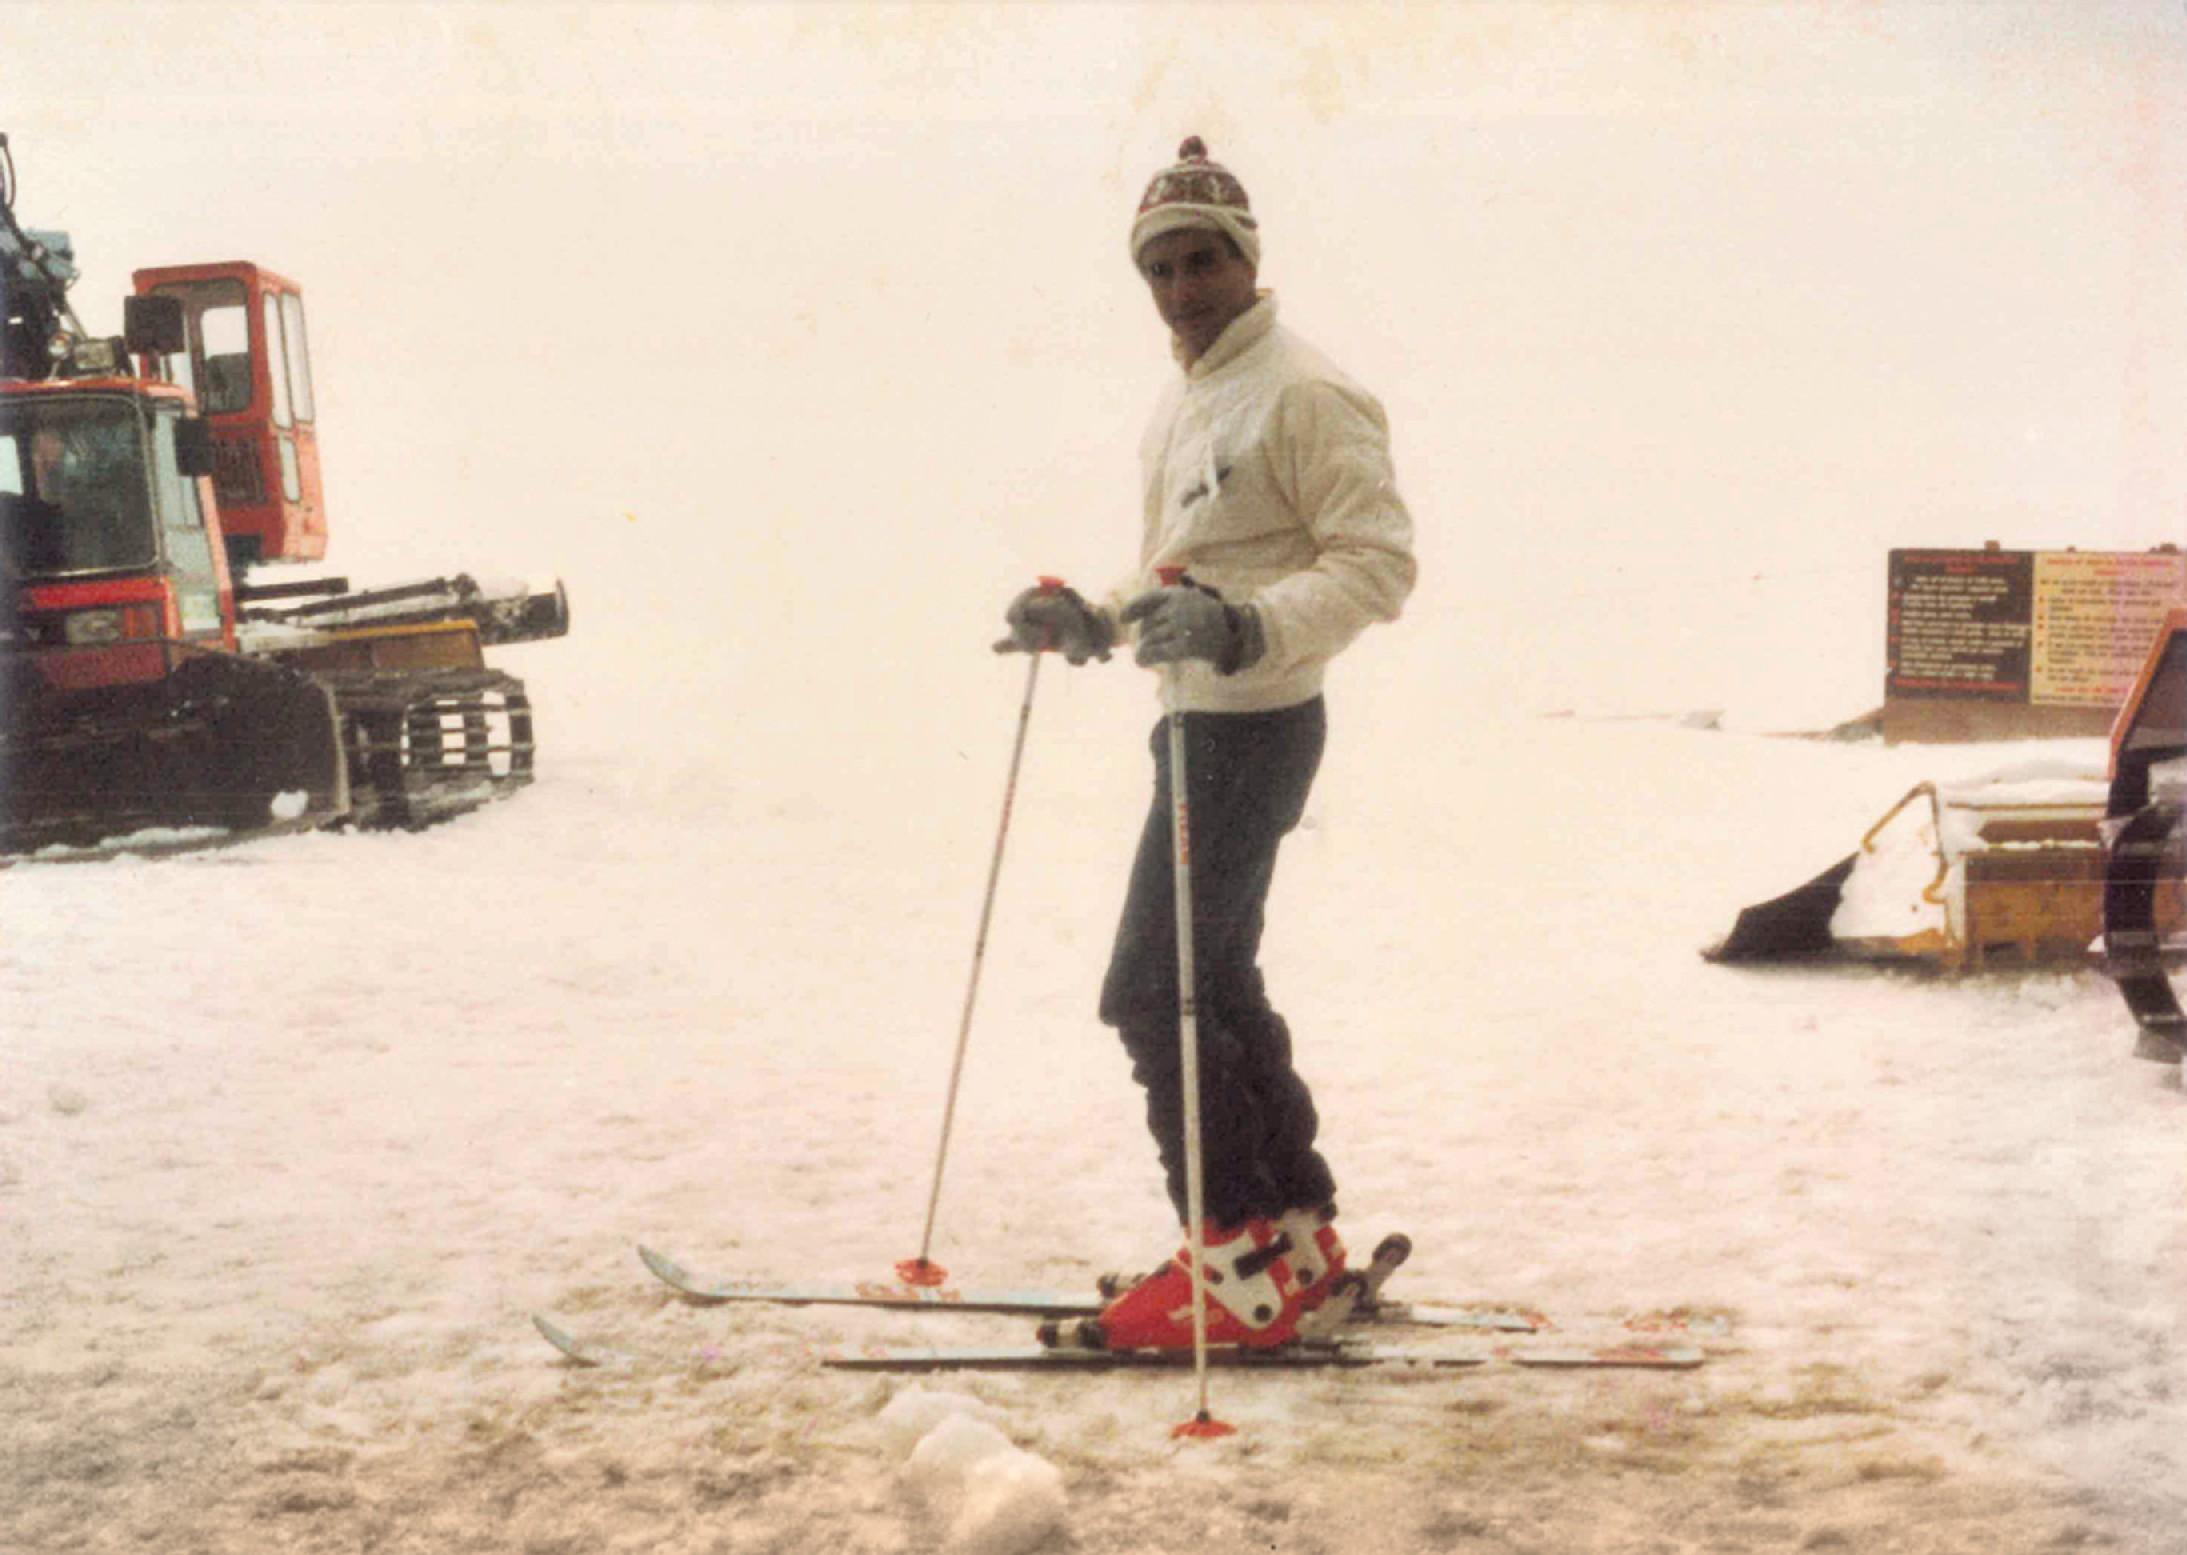 esquiando em Zermatt na Suíça (1982)